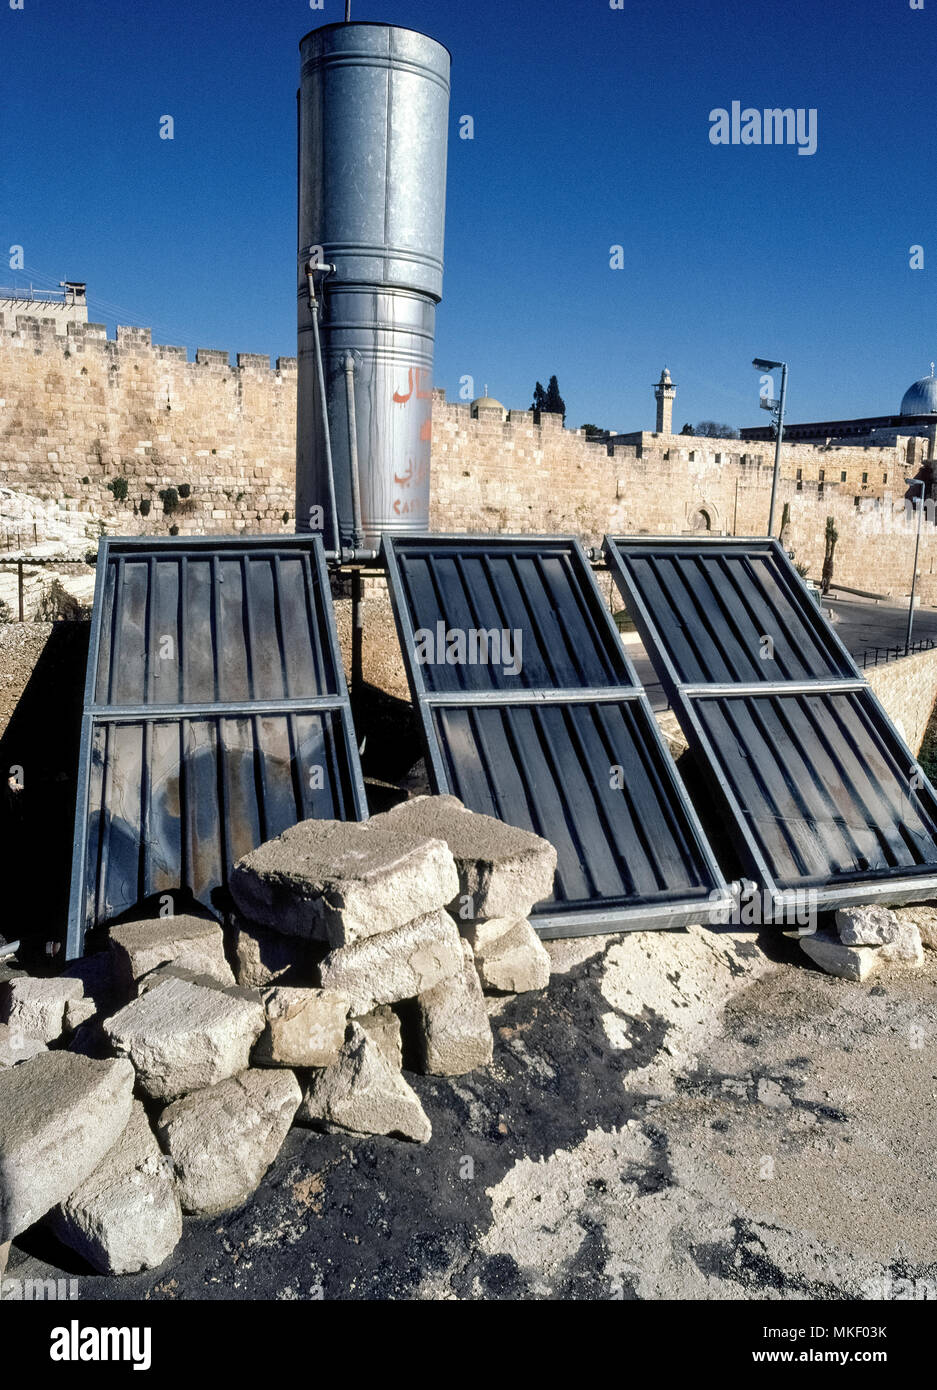 Trois panneaux solaires de boutons en plastique noir derrière des panneaux de verre absorbent les rayons du soleil pour créer un simple radiateur sur le toit qui offre de l'eau chaude pour une maison à Jérusalem, la ville du Moyen-Orient divisée qui est revendiquée à la fois par Israël et la Palestine. Ces petits appareils thermiques étaient commercialement développé en Israël dans les années 1950, et aujourd'hui le chauffe-eau à énergie solaire sont trouvés dans près de 90 pour cent de tous les ménages israéliens. Photo Stock